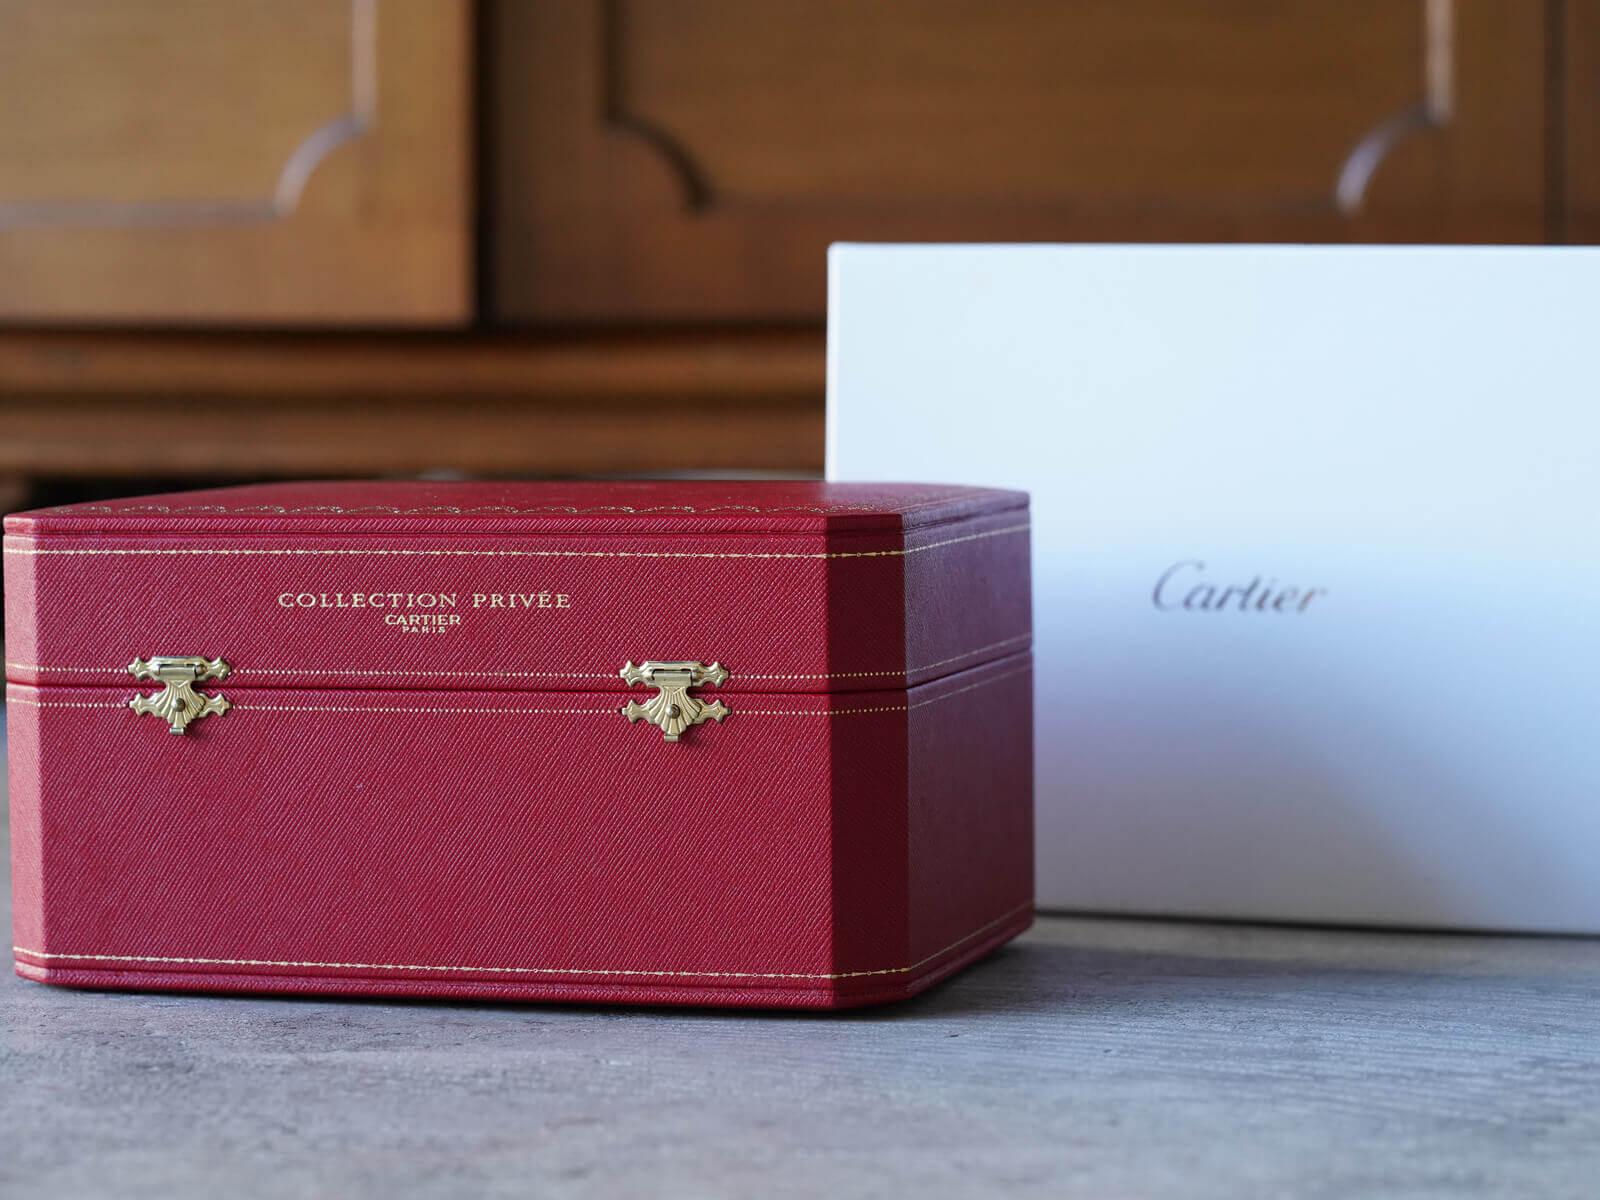 CPCP Collection Privee Cartier Paris